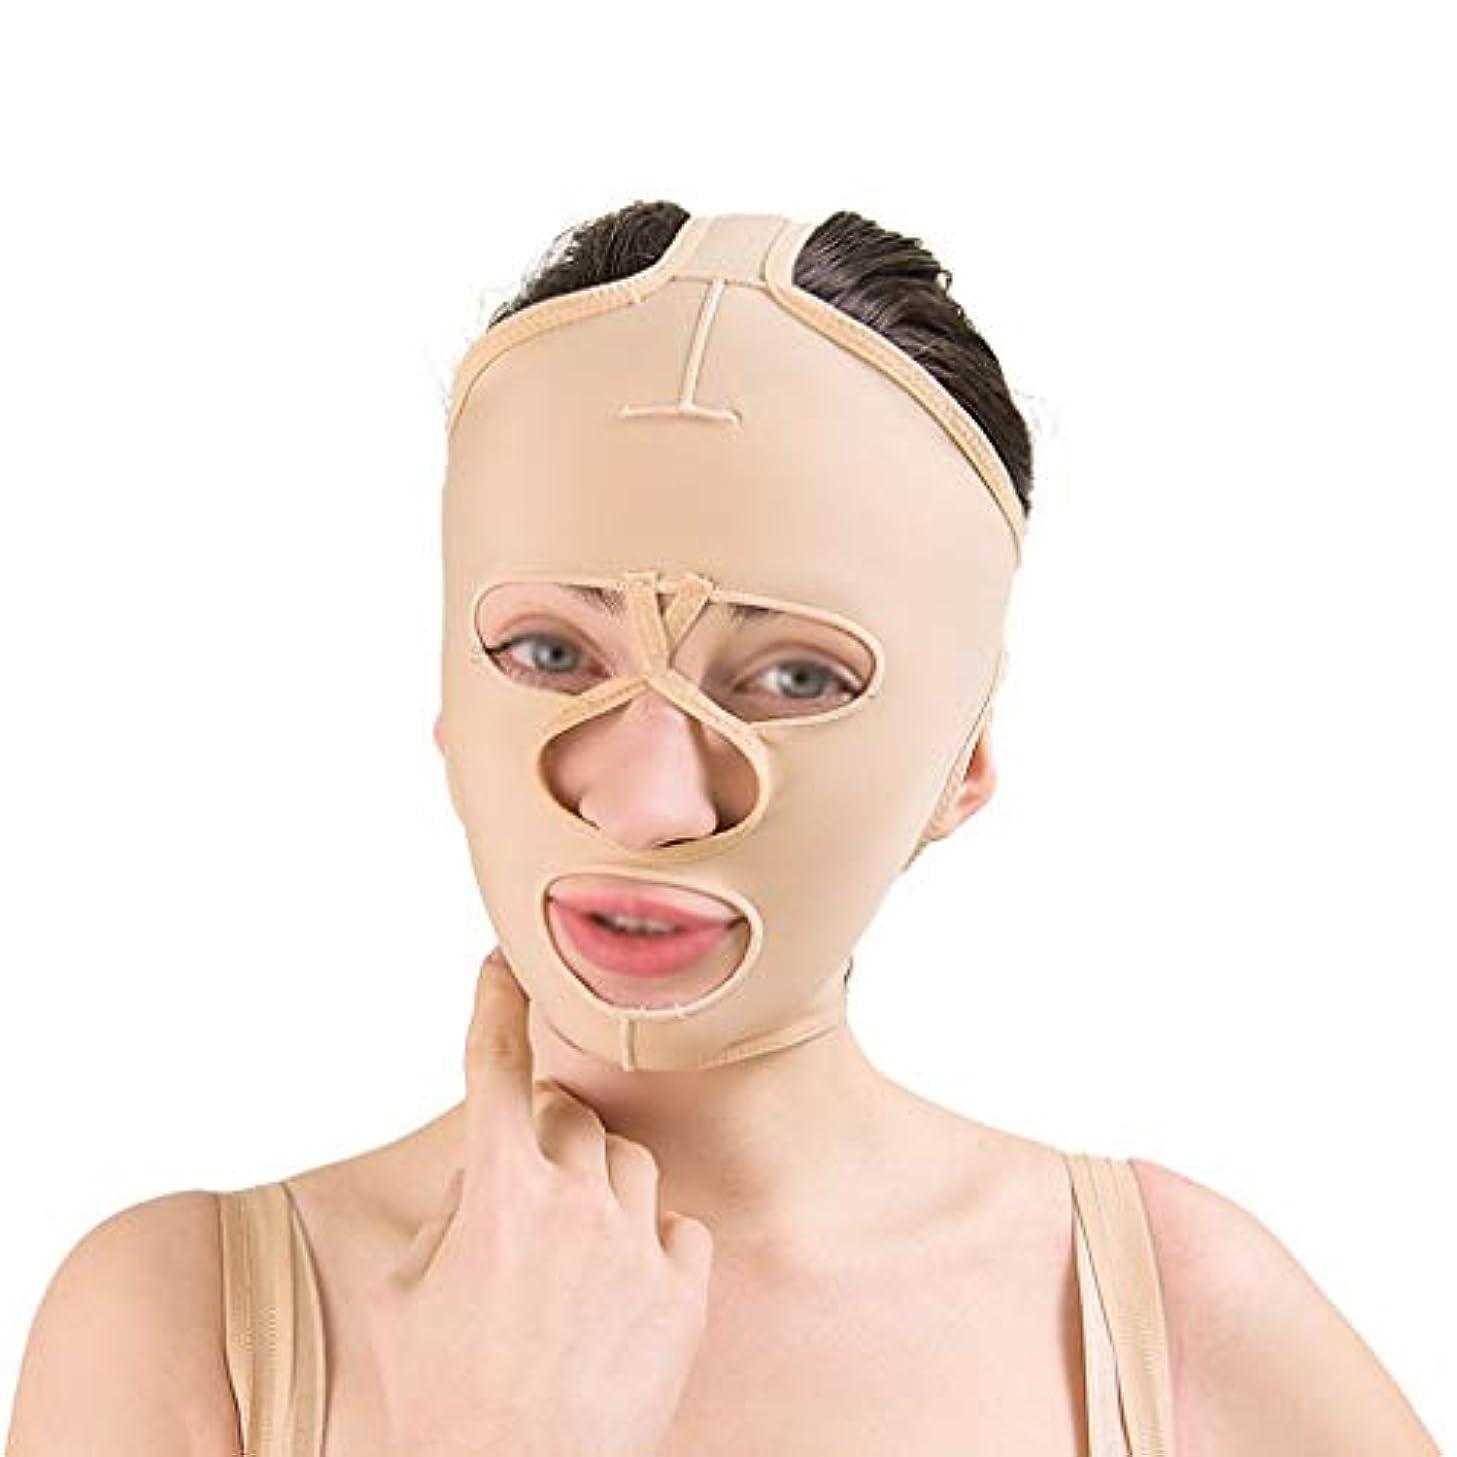 高音キャリッジ主にフェイシャルリフティングツール、フェイシャルビューティリフティングマスク、通気性のあるファーミングリフティングフェイシャル包帯、フェイシャルタイトバンデージ (Size : S)